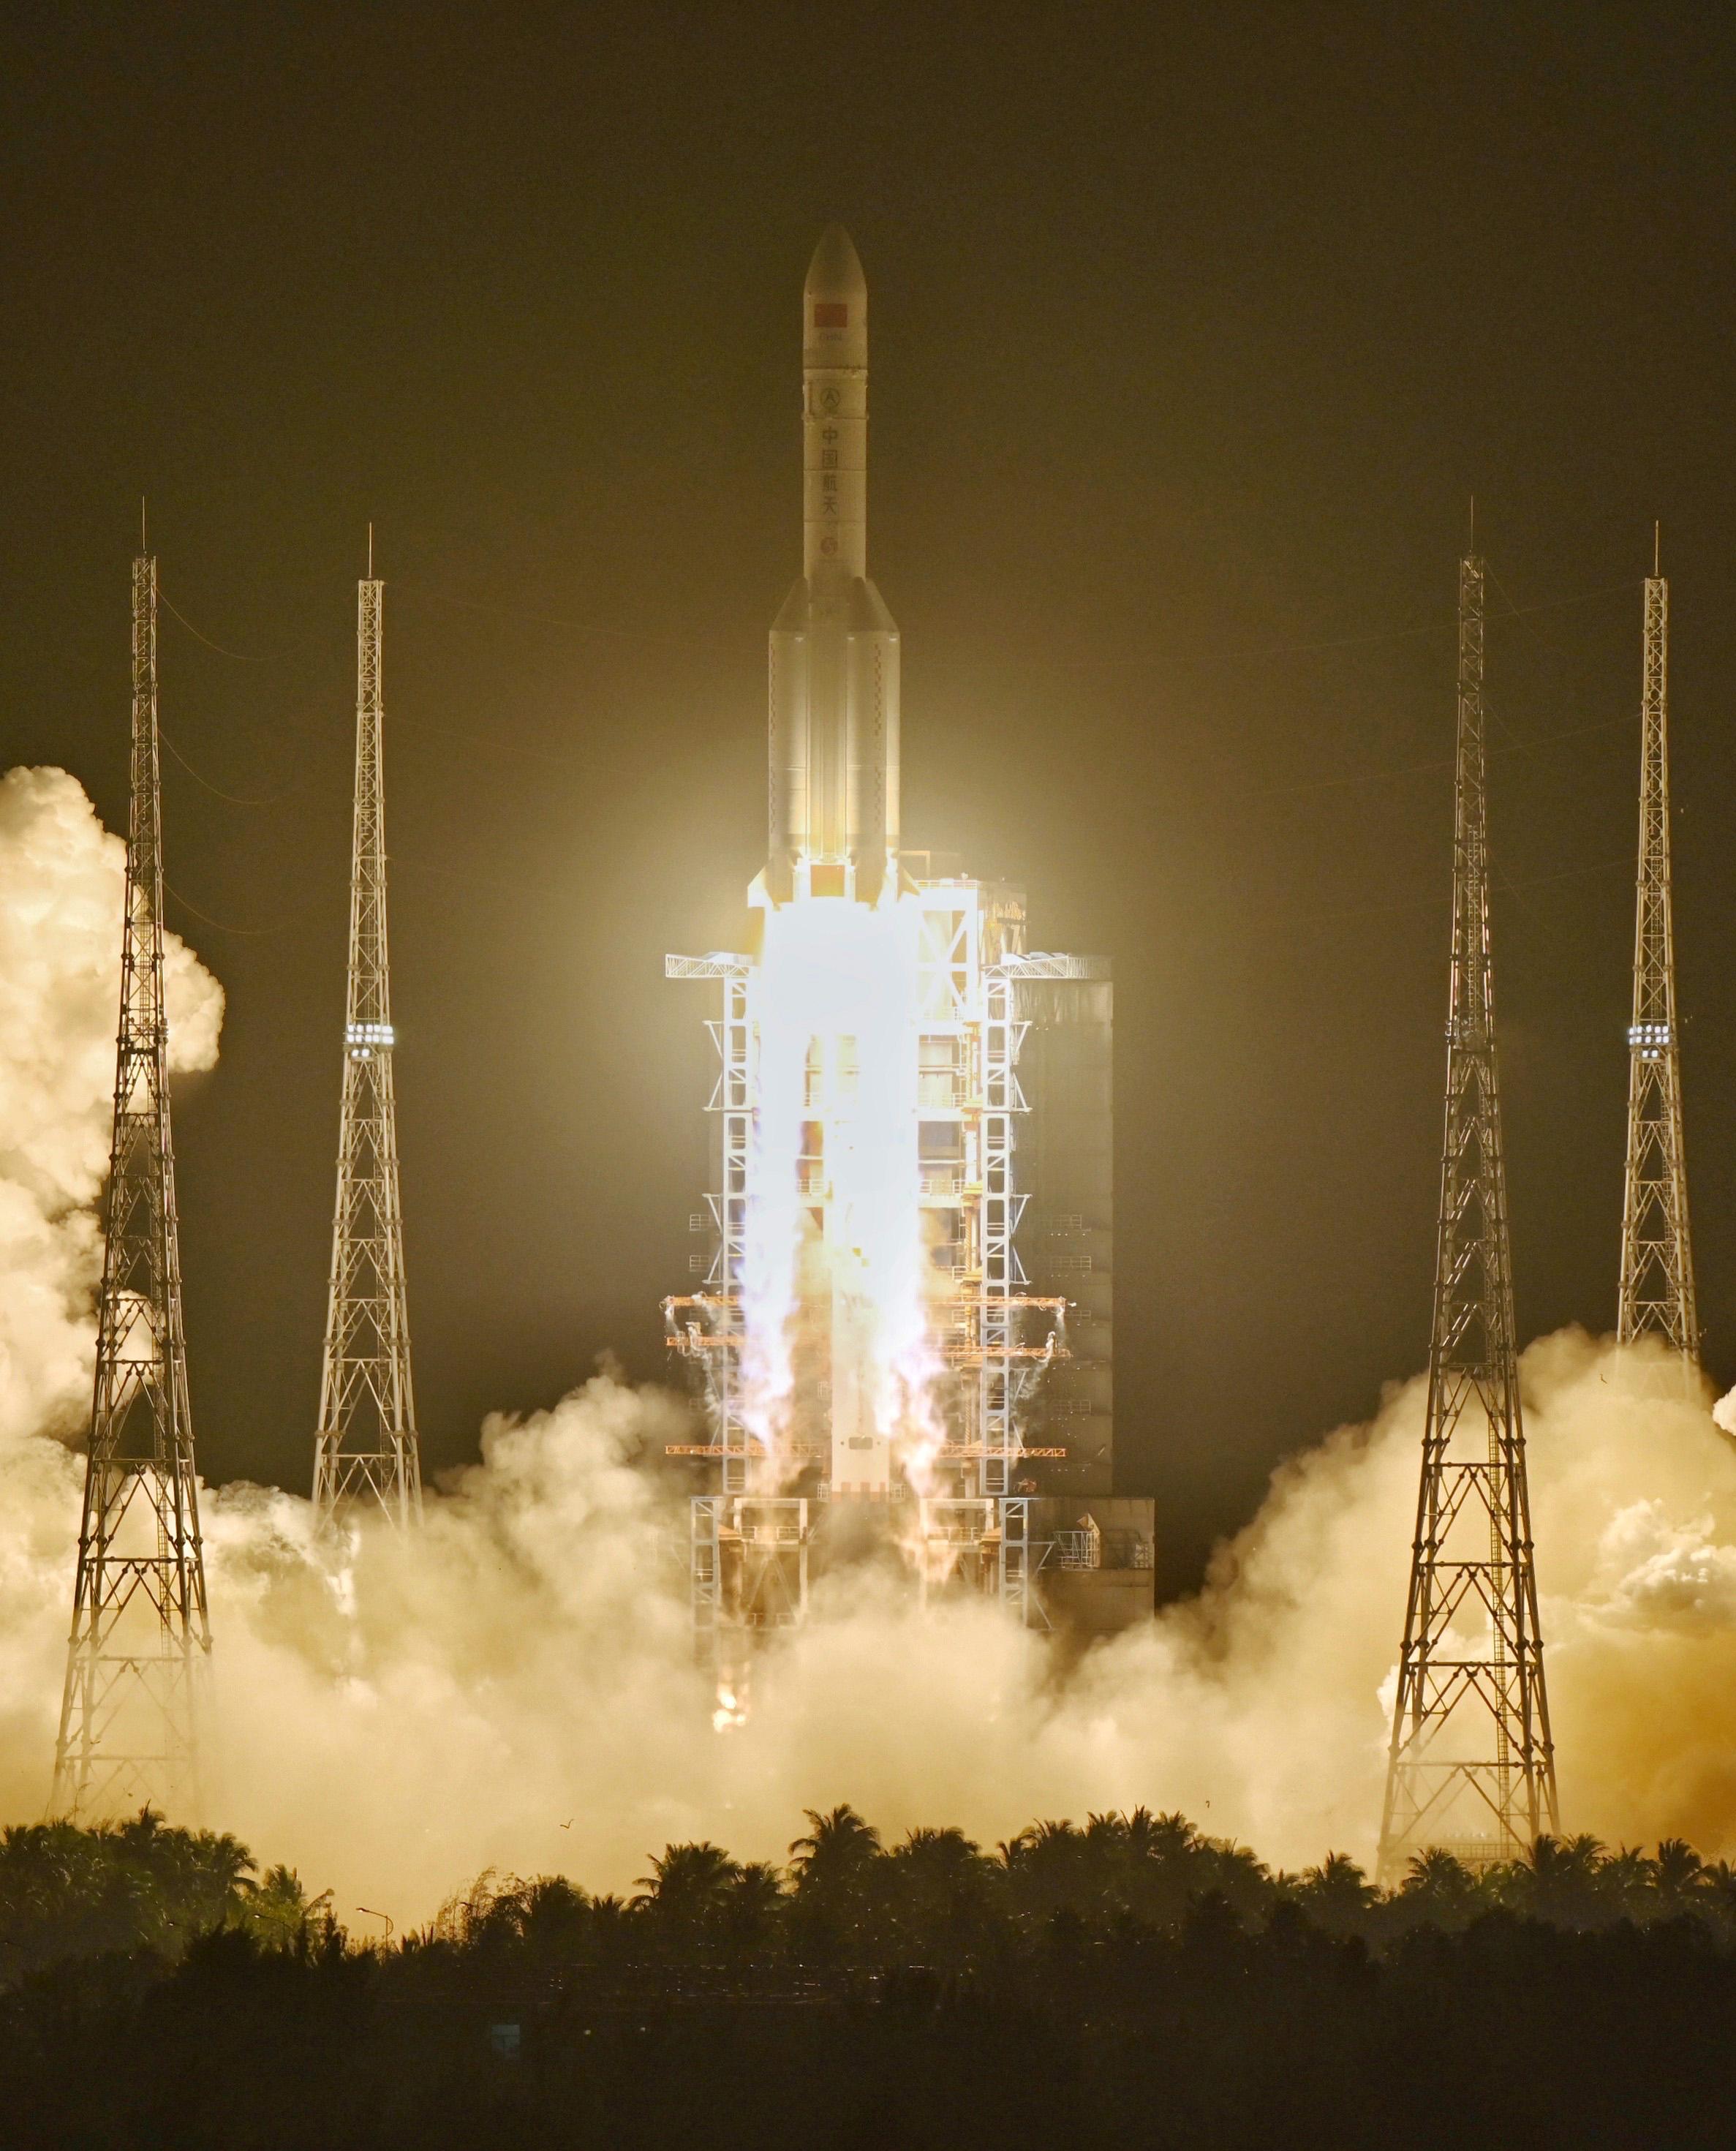 长征五号遥三运载火箭成功发射 卫星送入预定轨道